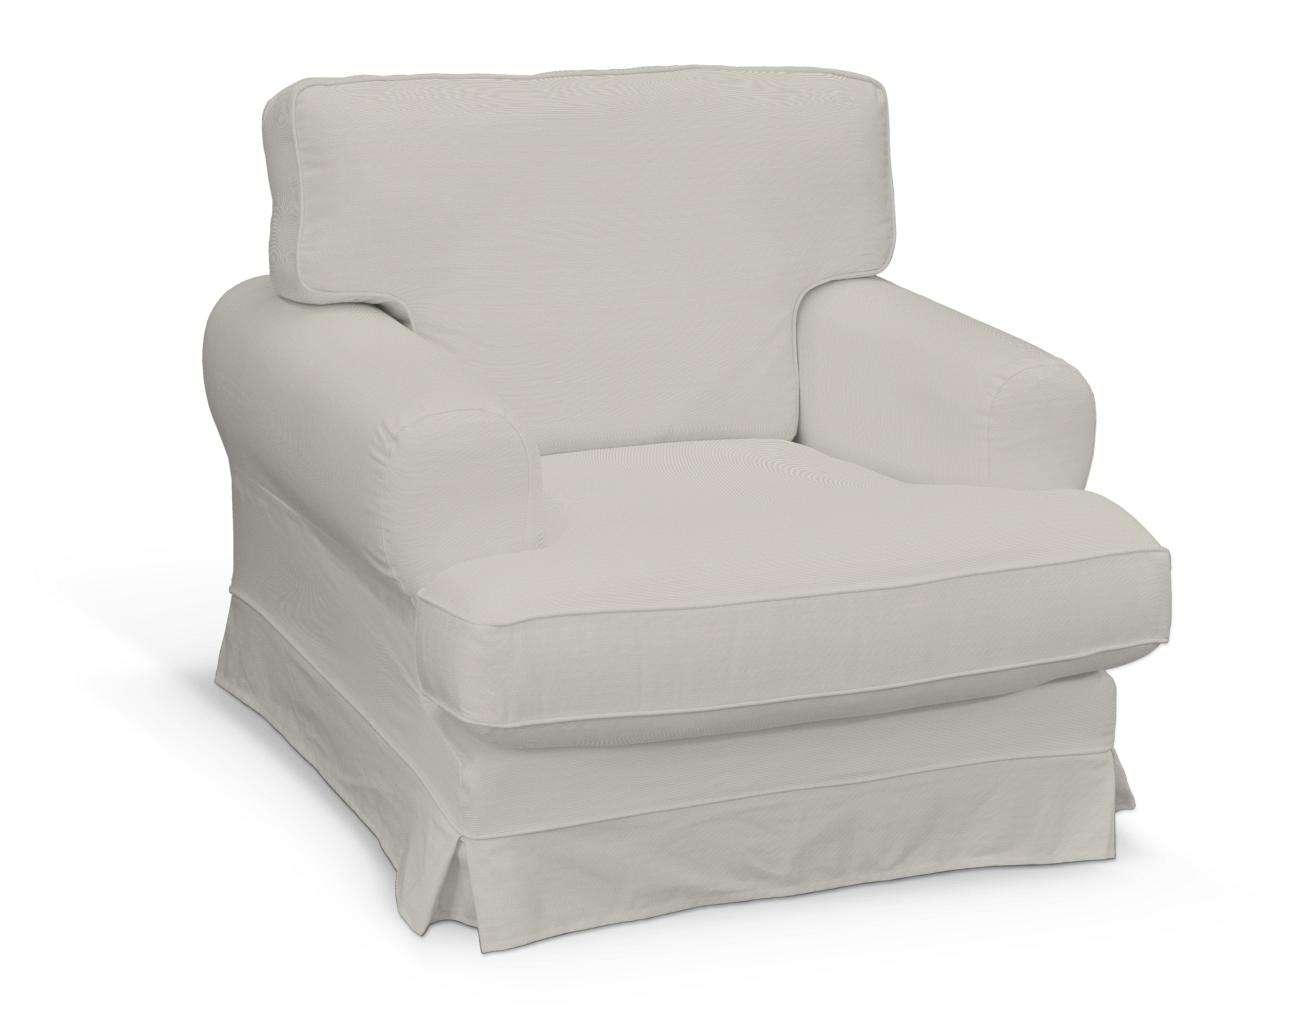 Pokrowiec na fotel Ekeskog Fotel Ekeskog w kolekcji Cotton Panama, tkanina: 702-31